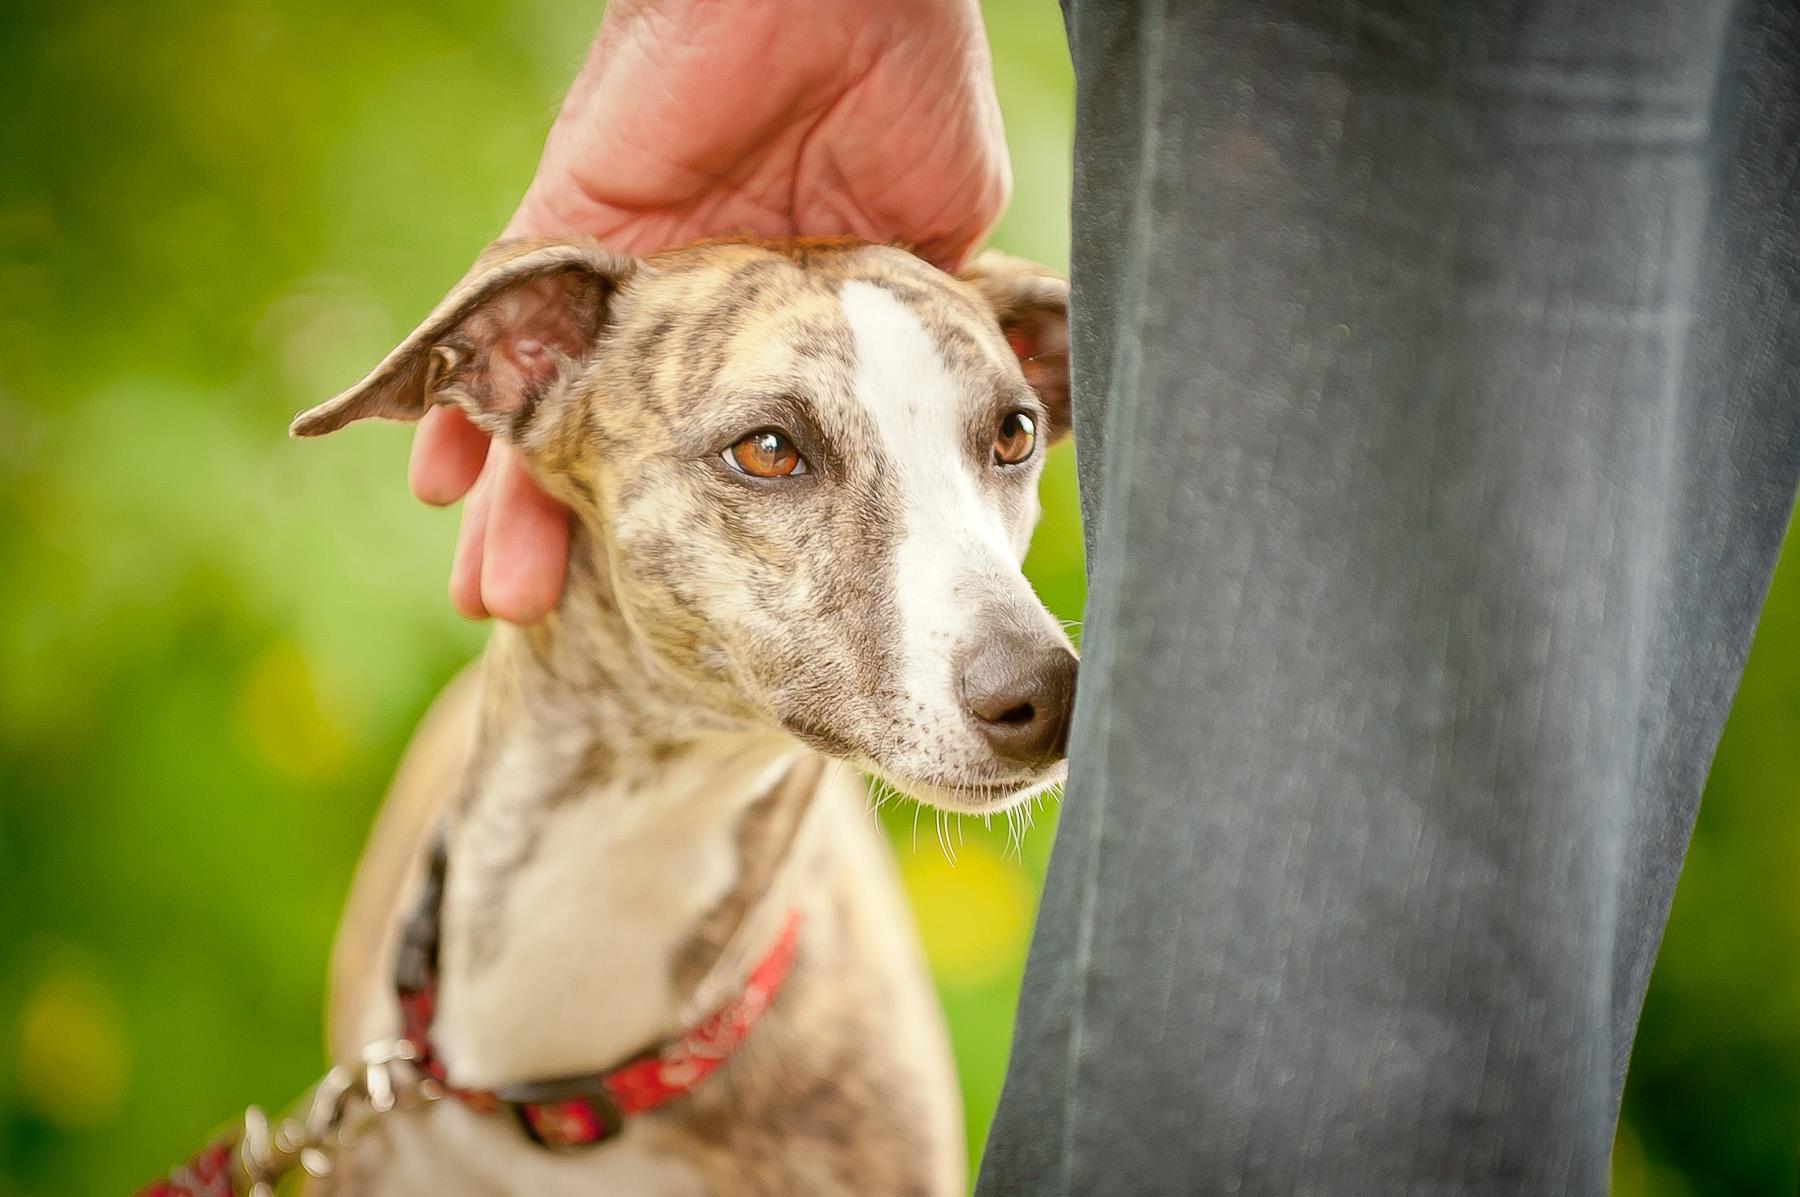 Die Tierarztpraxis Grath bietet auch eine Mobile Tierarztpraxis an, mit dem Ziel qualitativ hochwertiger medizinischer Versorgung bei Ihnen zu Hause